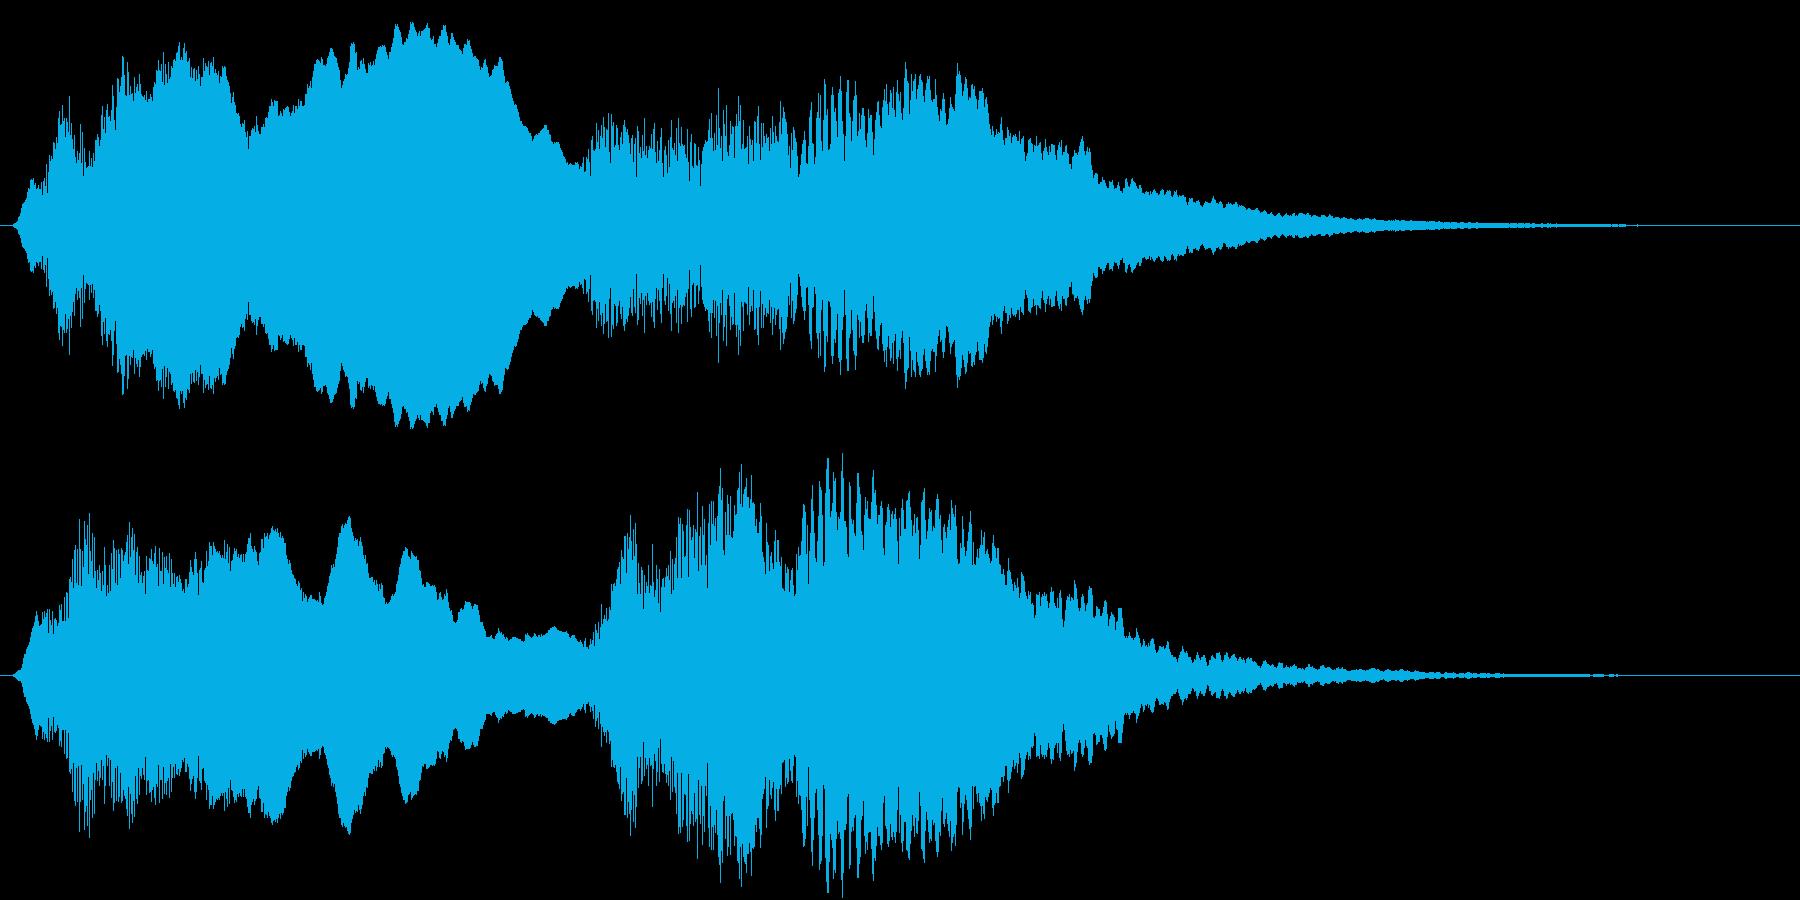 「トッカータとフーガ 」冒頭部ショートの再生済みの波形